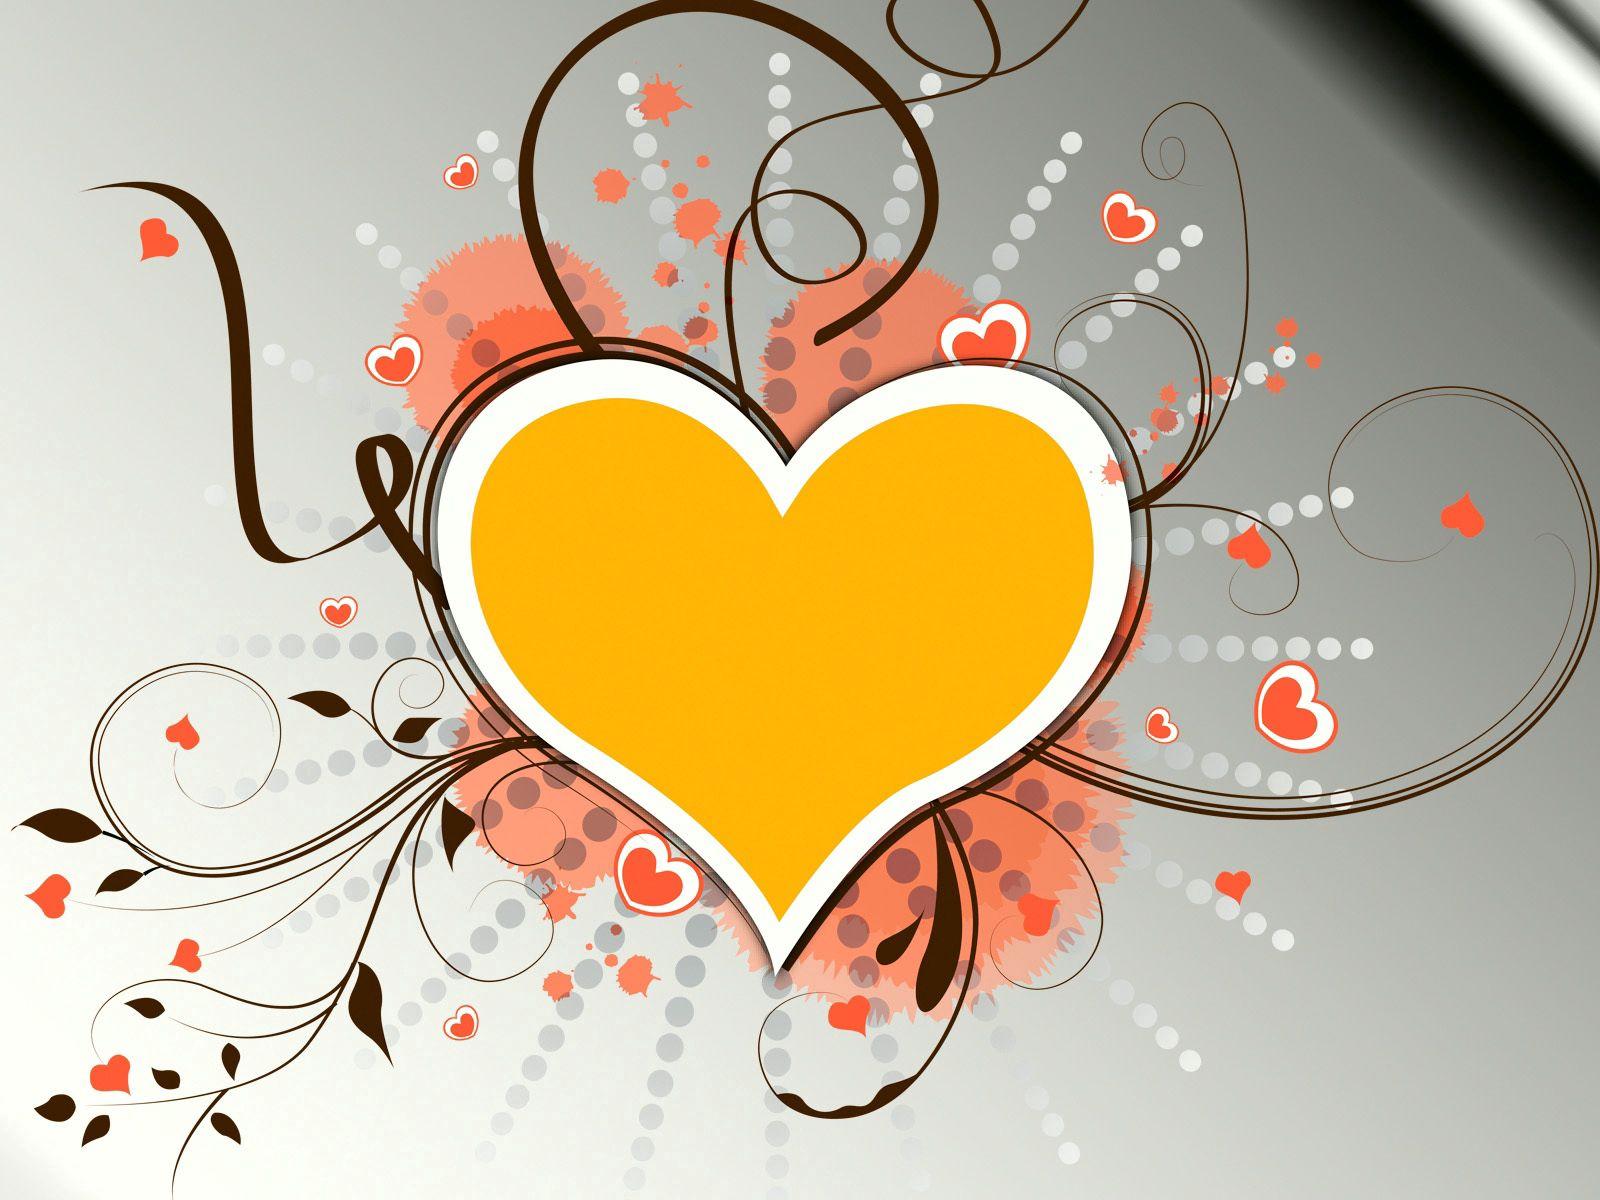 87896 Hintergrundbild herunterladen Patterns, Herzen, Liebe, Bunt, Bunten - Bildschirmschoner und Bilder kostenlos